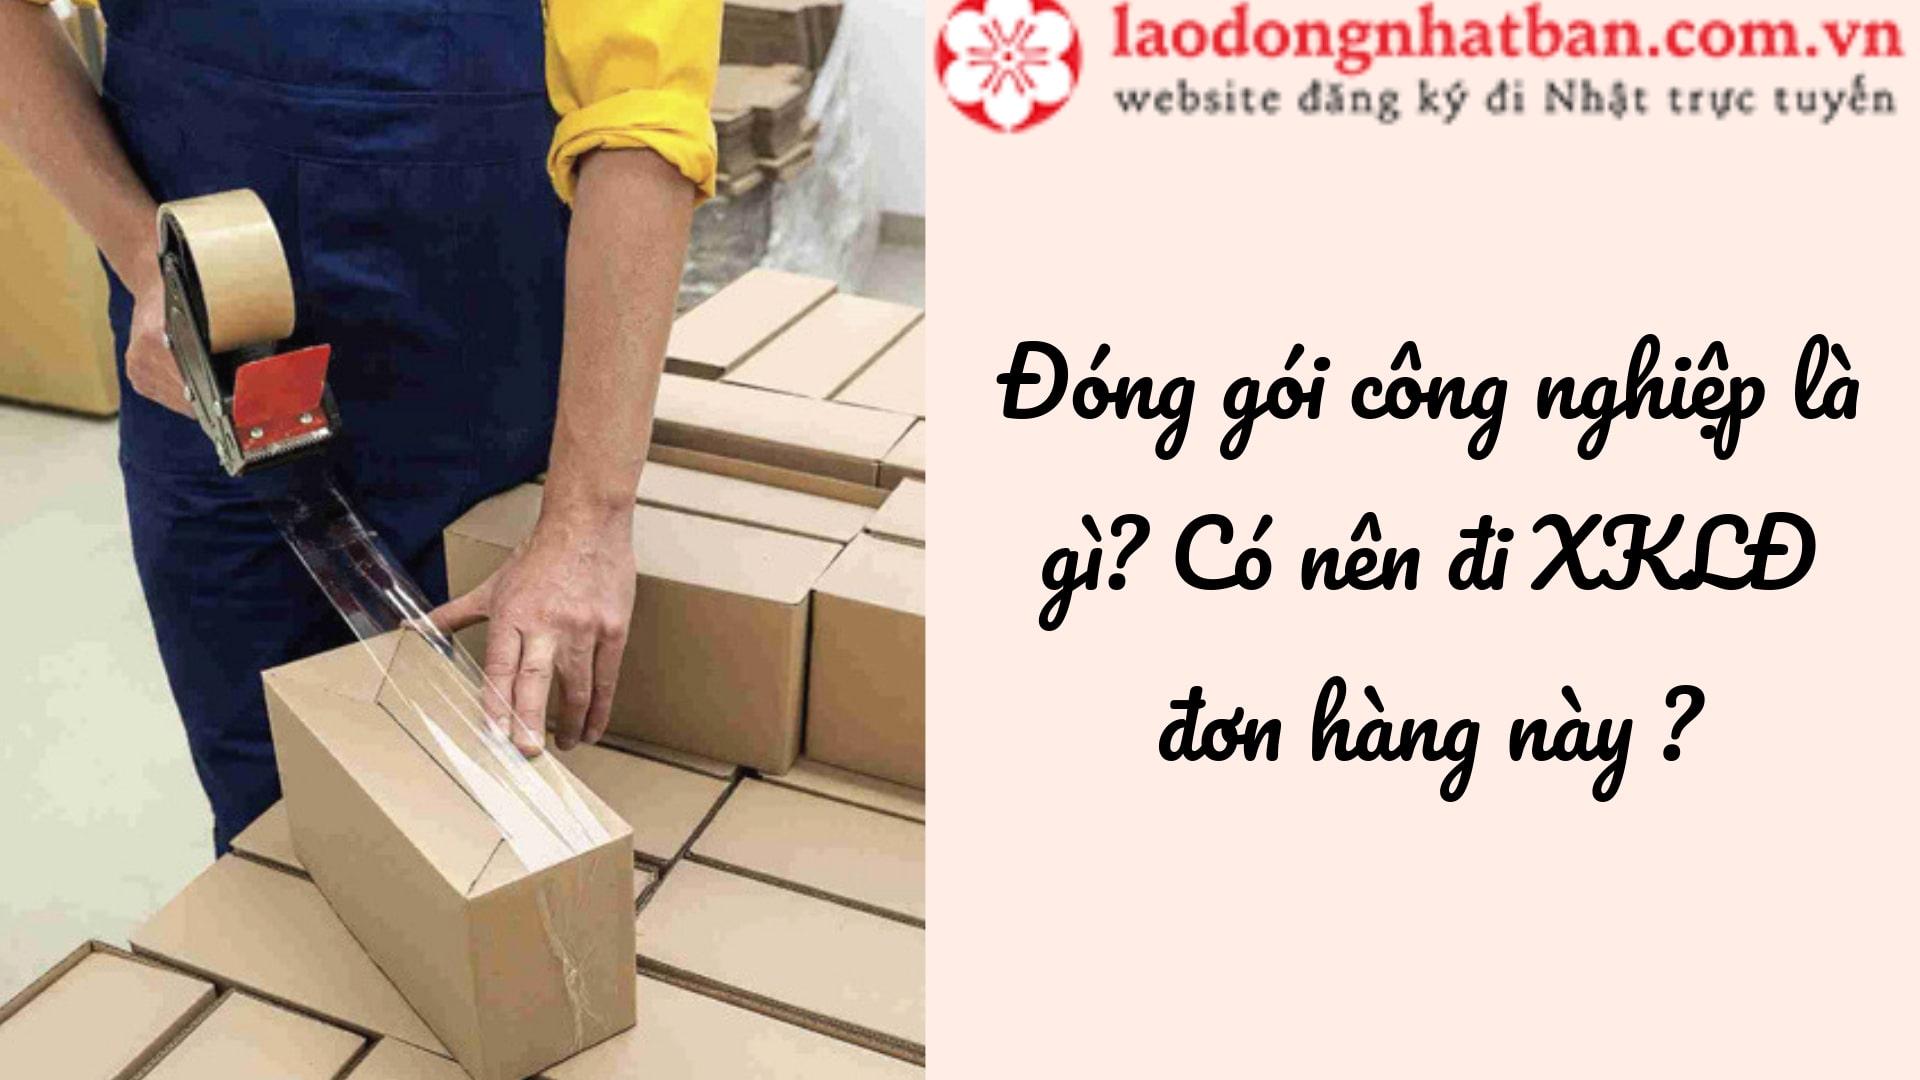 Đơn hàng đóng gói công nghiệp là gì? Có nên làm đóng gói công nghiệp tại Nhật không?